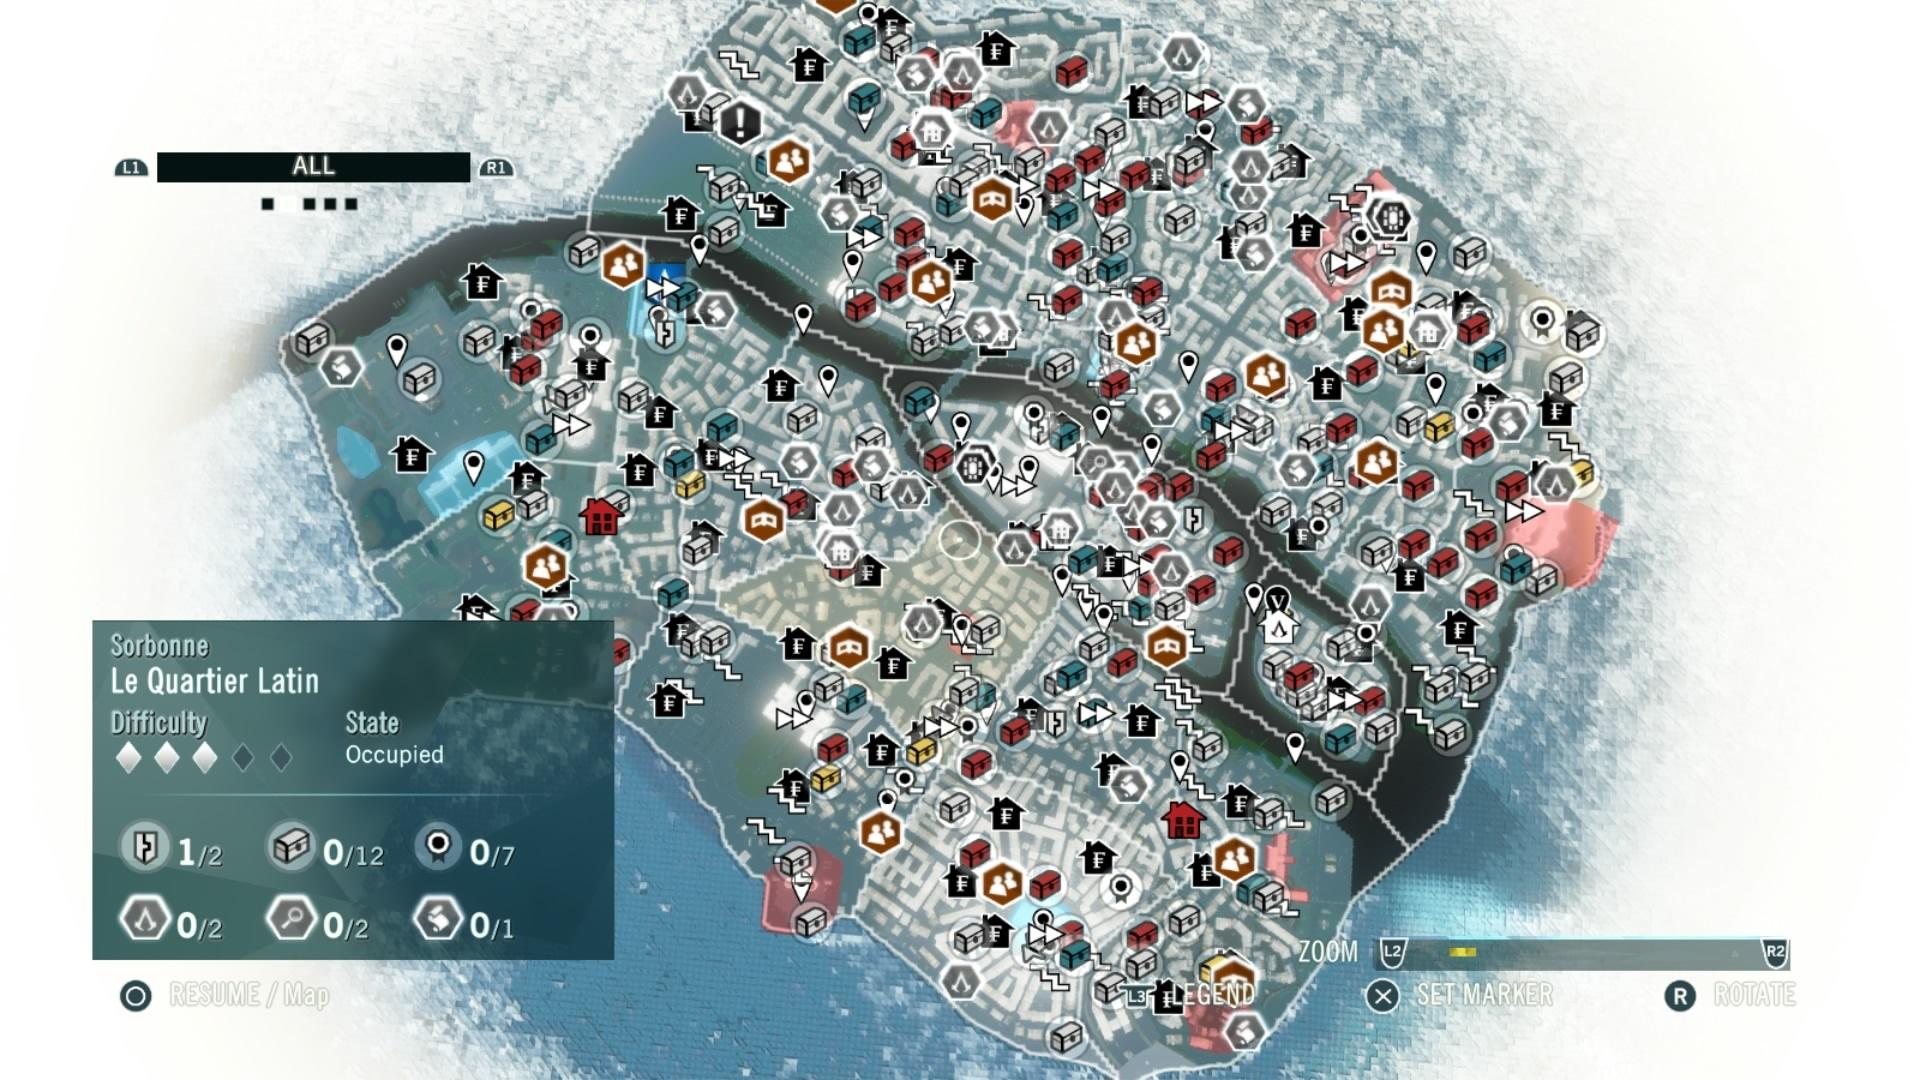 Segen oder Fluch? Die Ubisoft-Formel in Assassins´s Creed Unity: Ganz schön viel los auf der Karte. Da soll/muss ich überall hin? (Bild: Ubisoft)